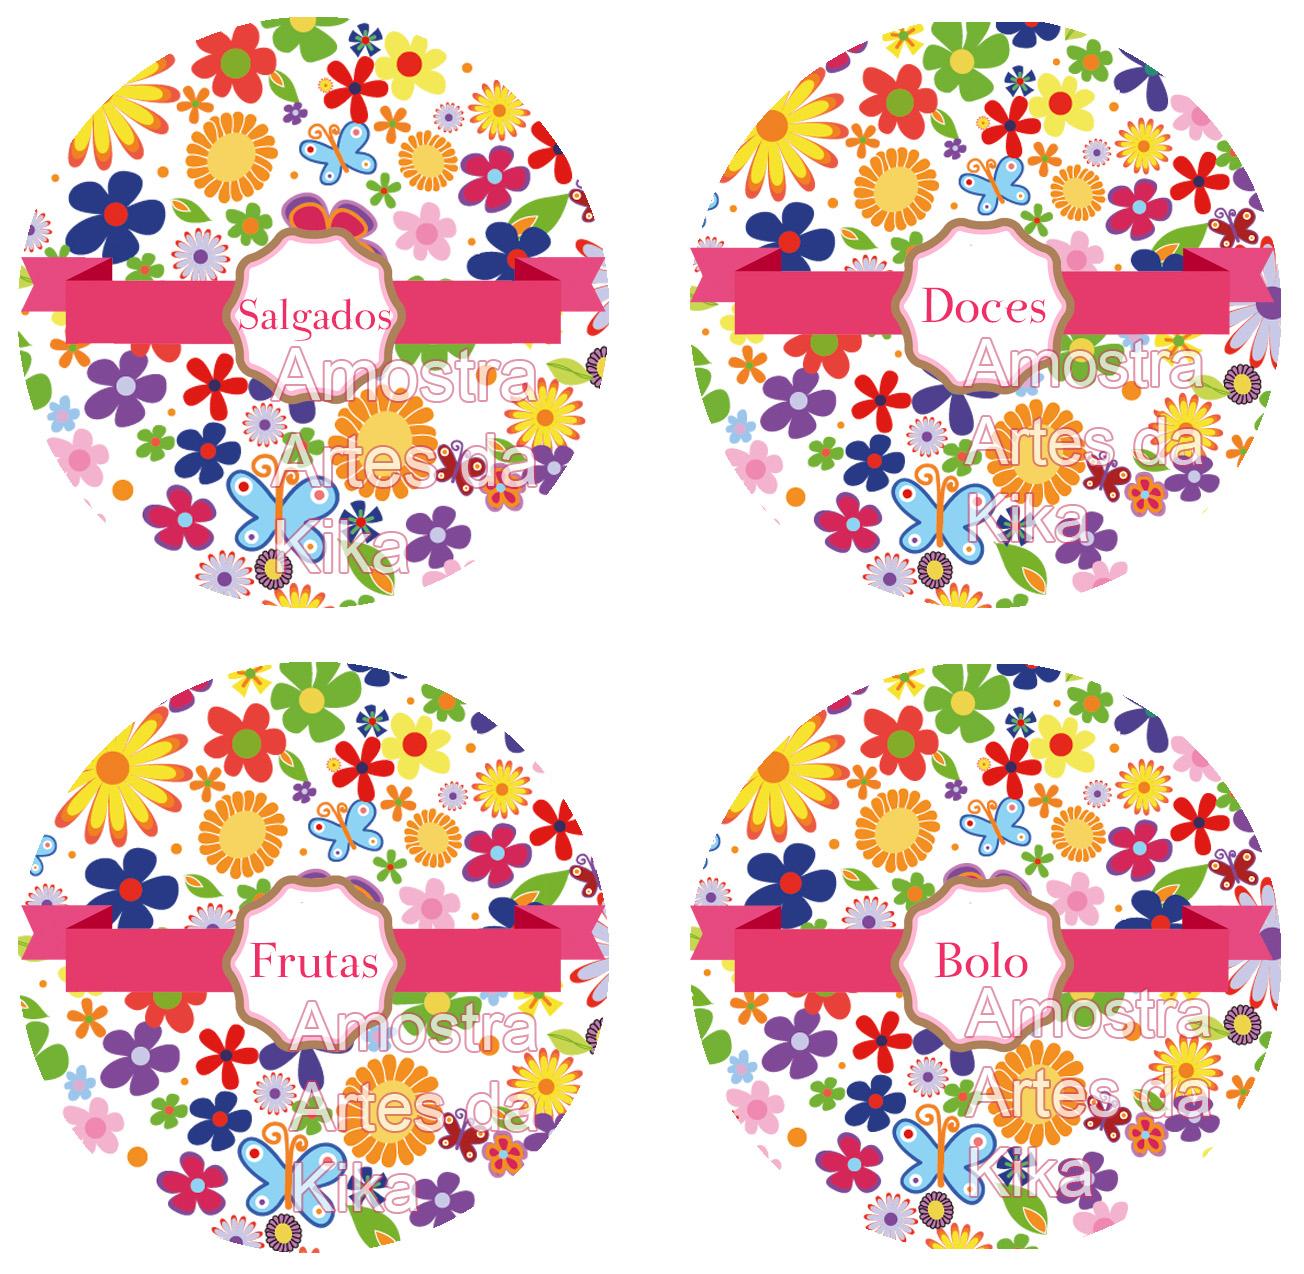 malvorlagen yakari kika flores - 6 images - malvorlagen yakari